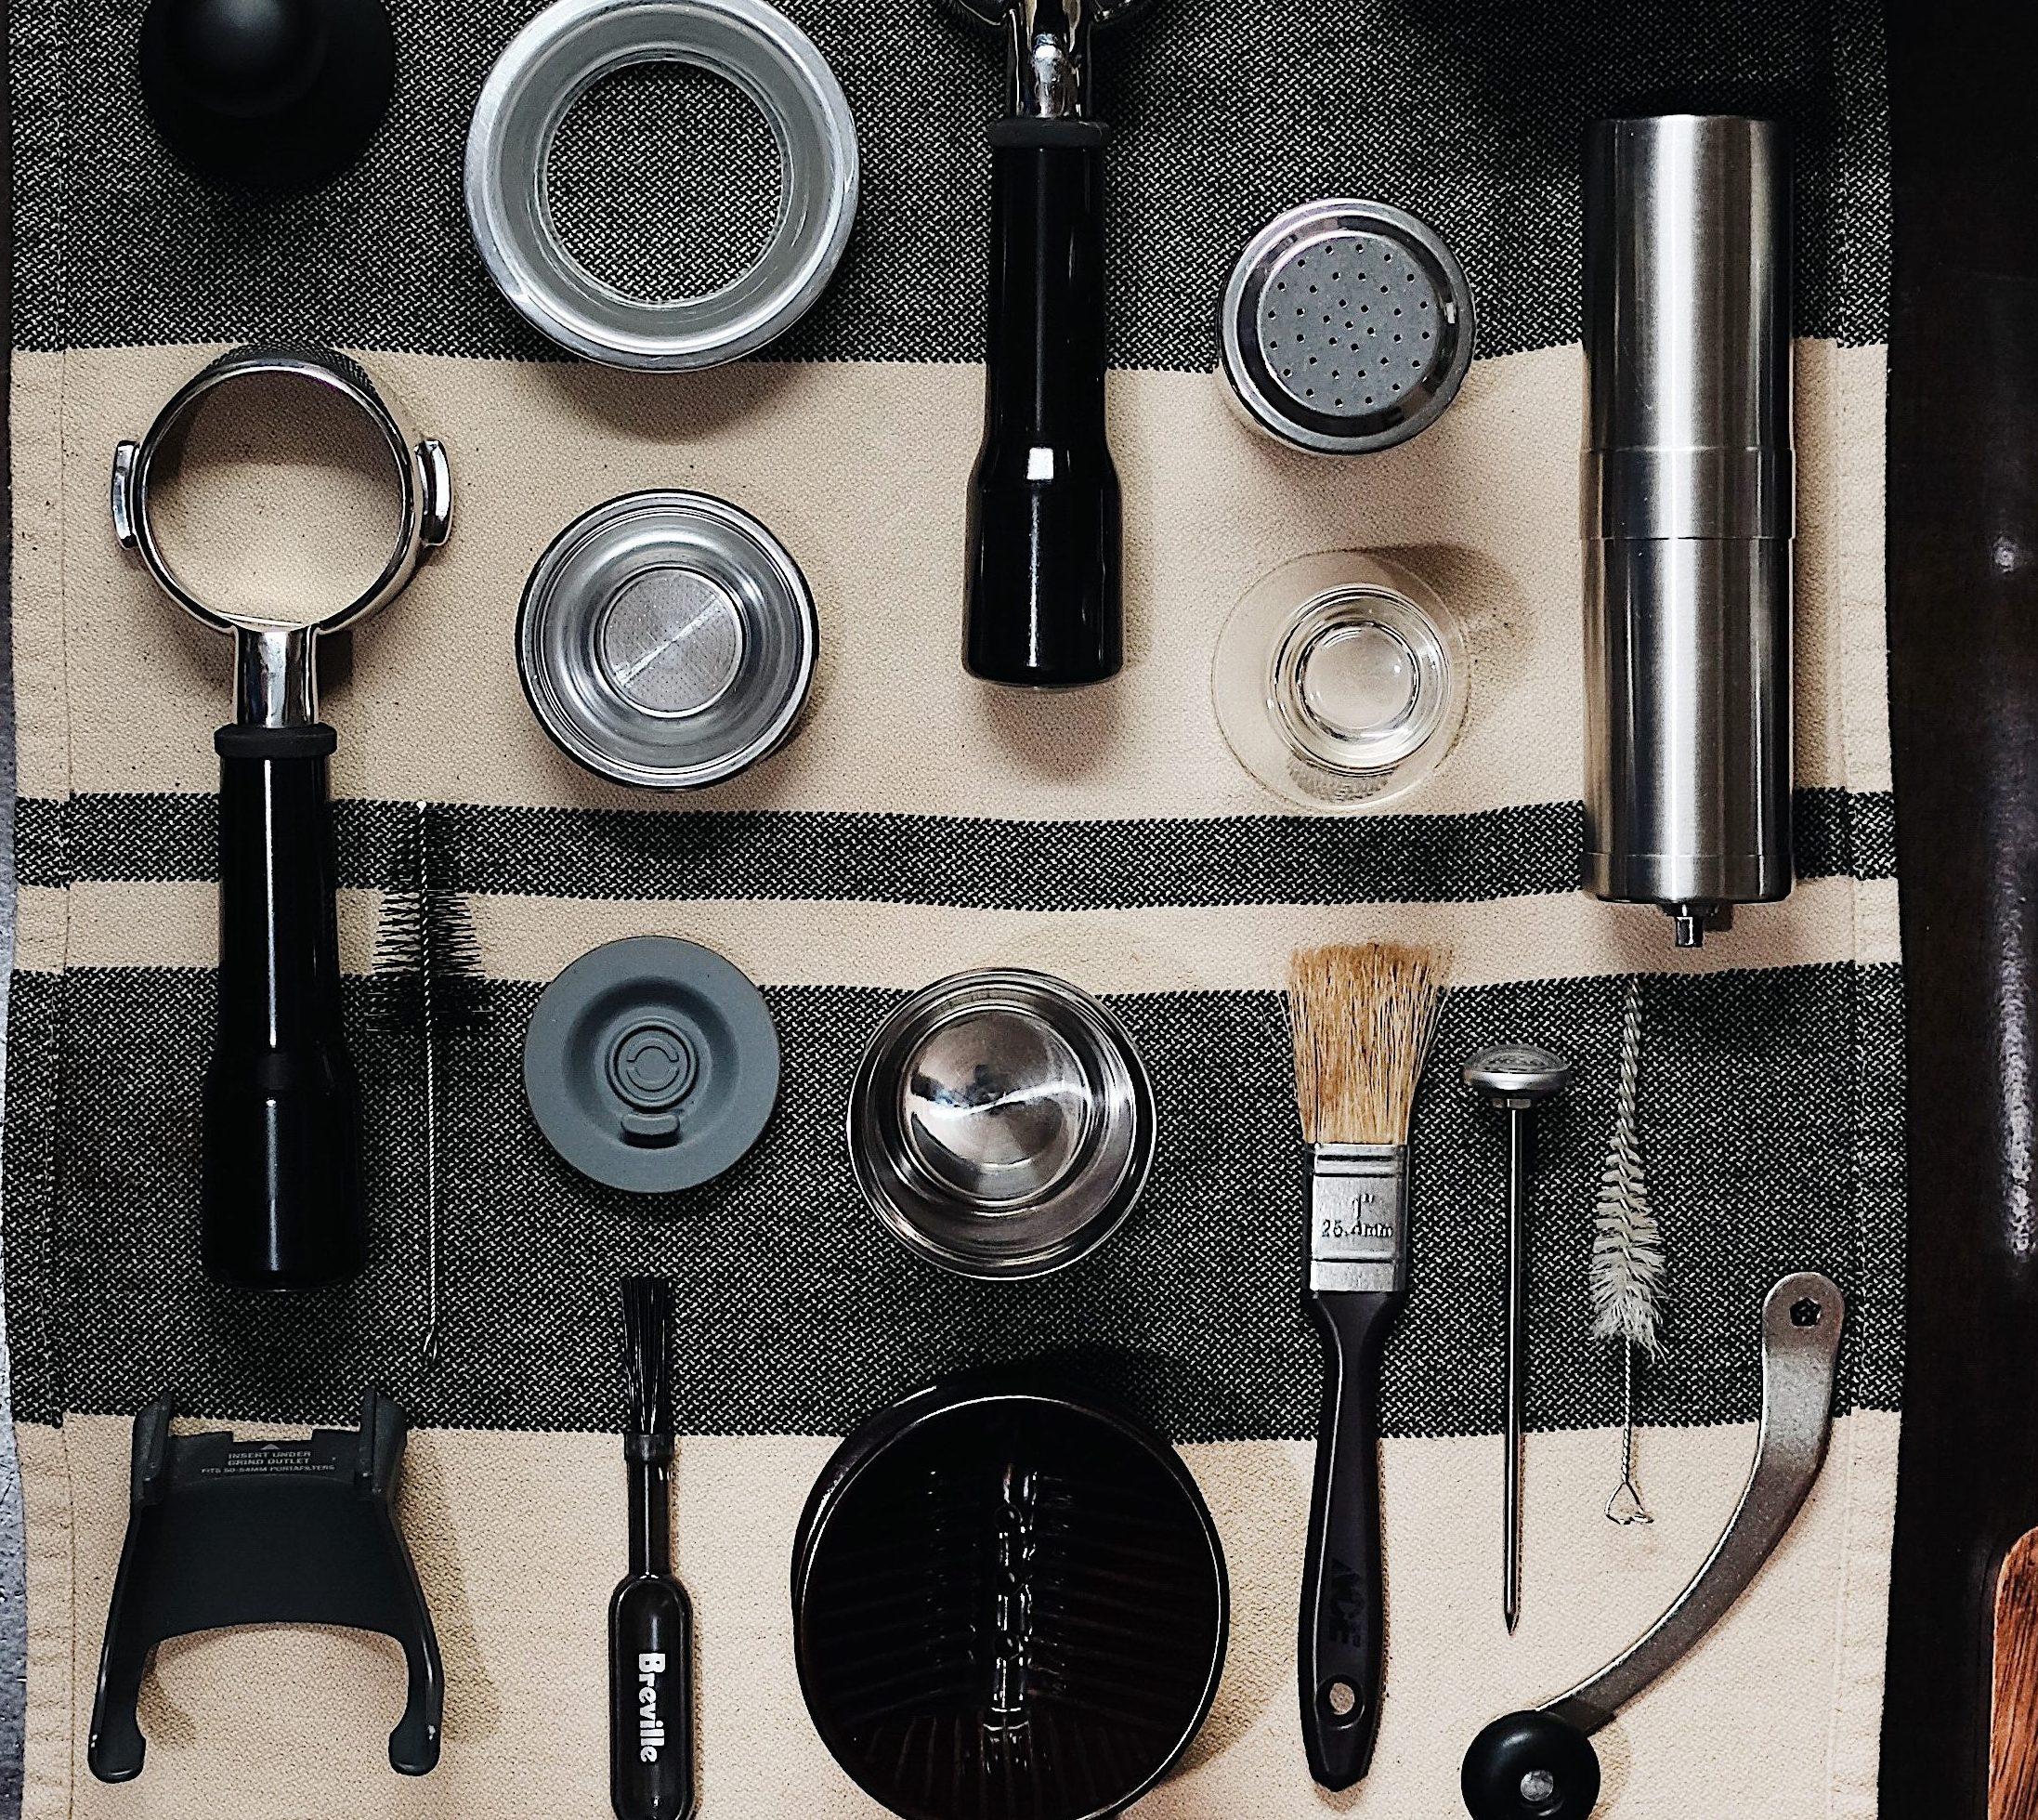 Etwas Neues genug Kaffeemühle reinigen - Hausmittel oder Reiniger ? | So geht's #AI_58